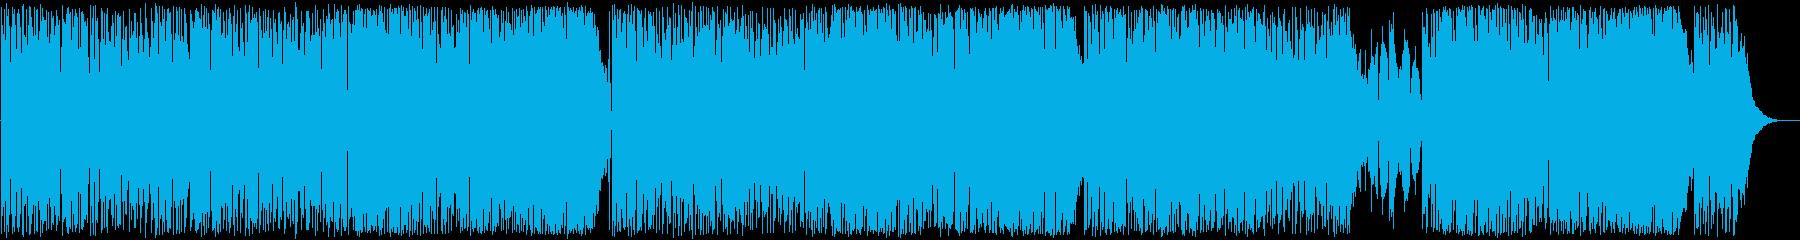 ボサノヴァ、お洒落でロック調BGMの再生済みの波形